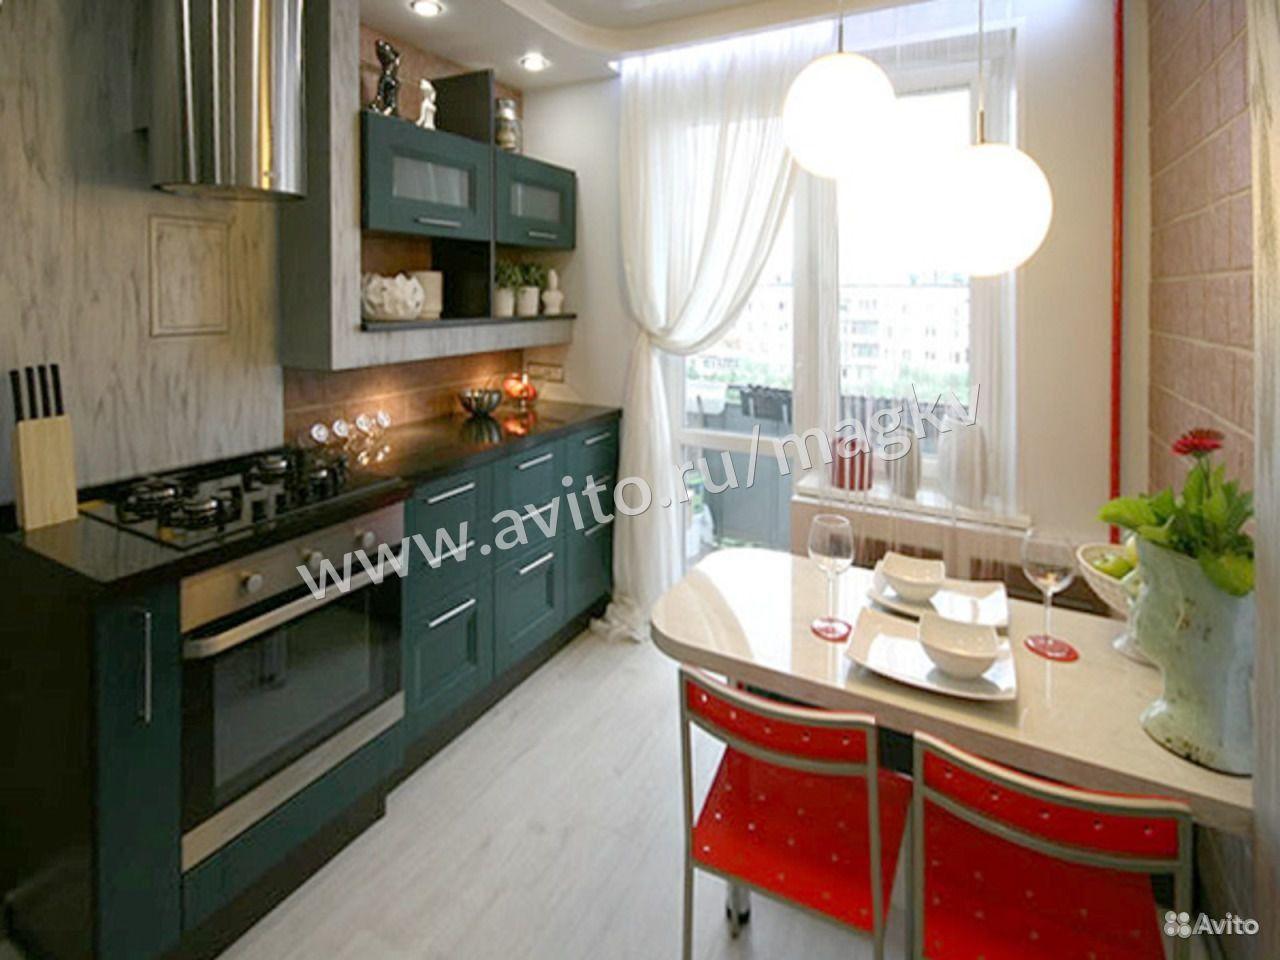 """Тюль на кухню, види і відмінності - фото прикладів """" будівни."""